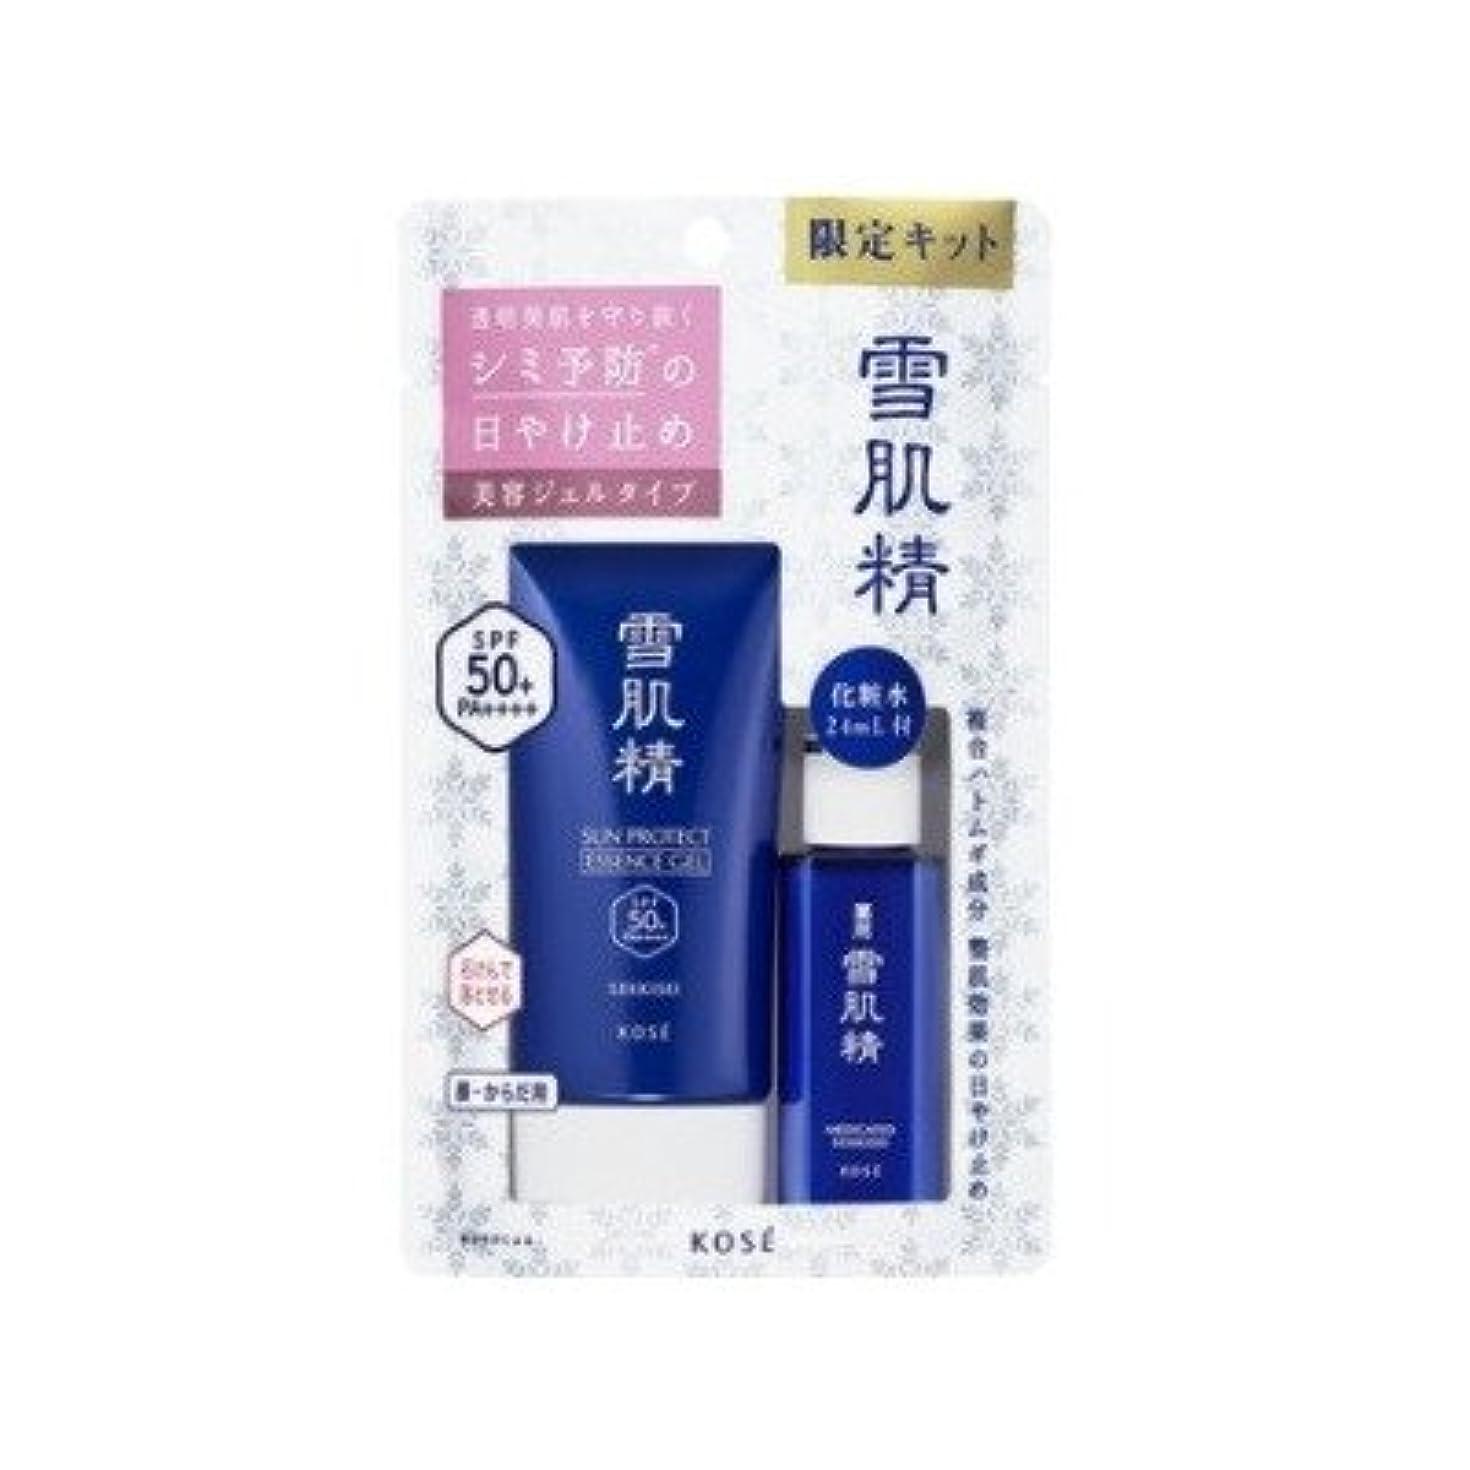 修復着る石【限定】雪肌精 ホワイトUVジェル80g&薬用化粧水24ml